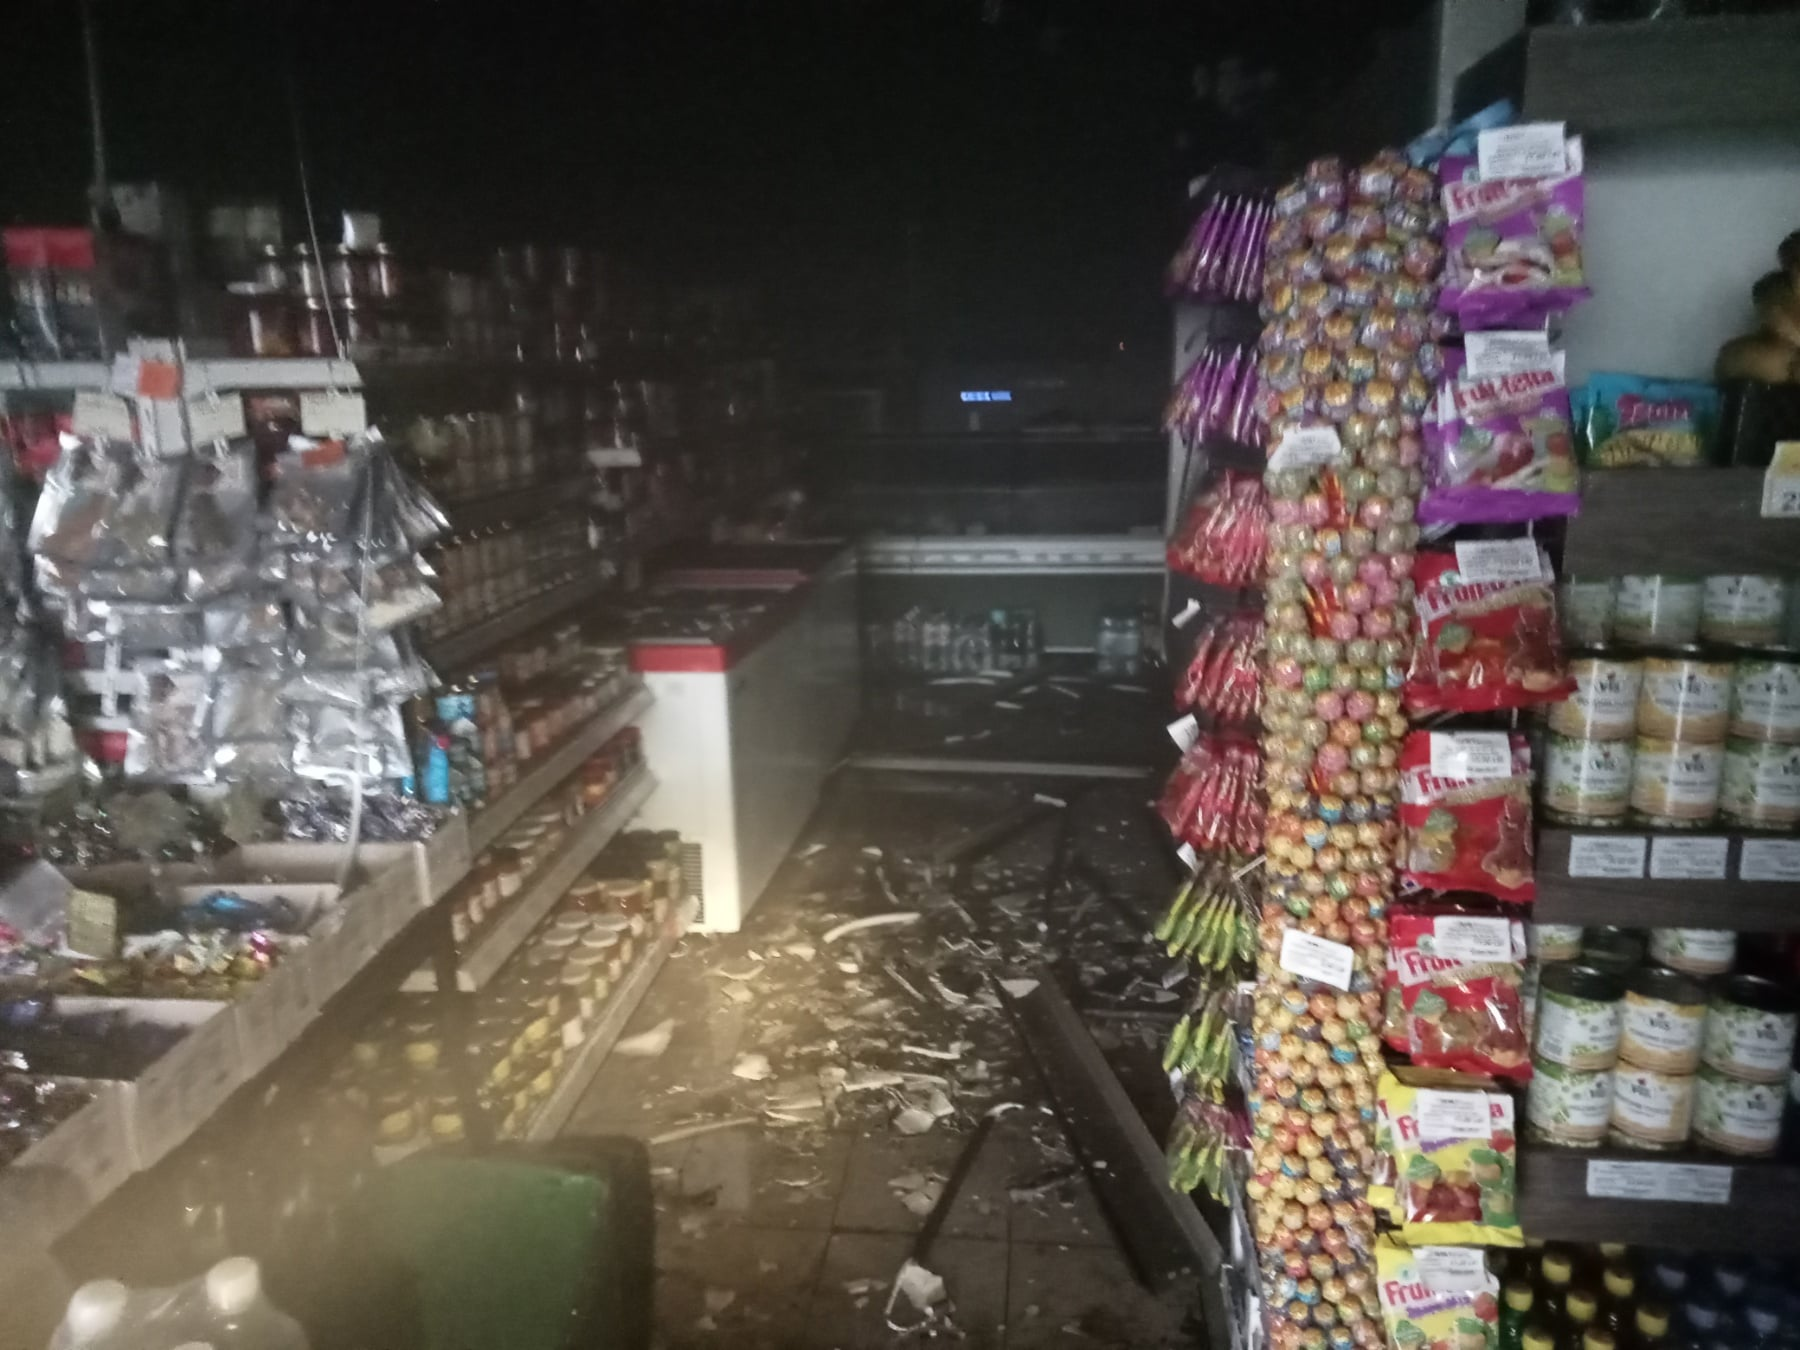 ВКишиневе возле центрального автовокзала произошел пожар (ФОТО)